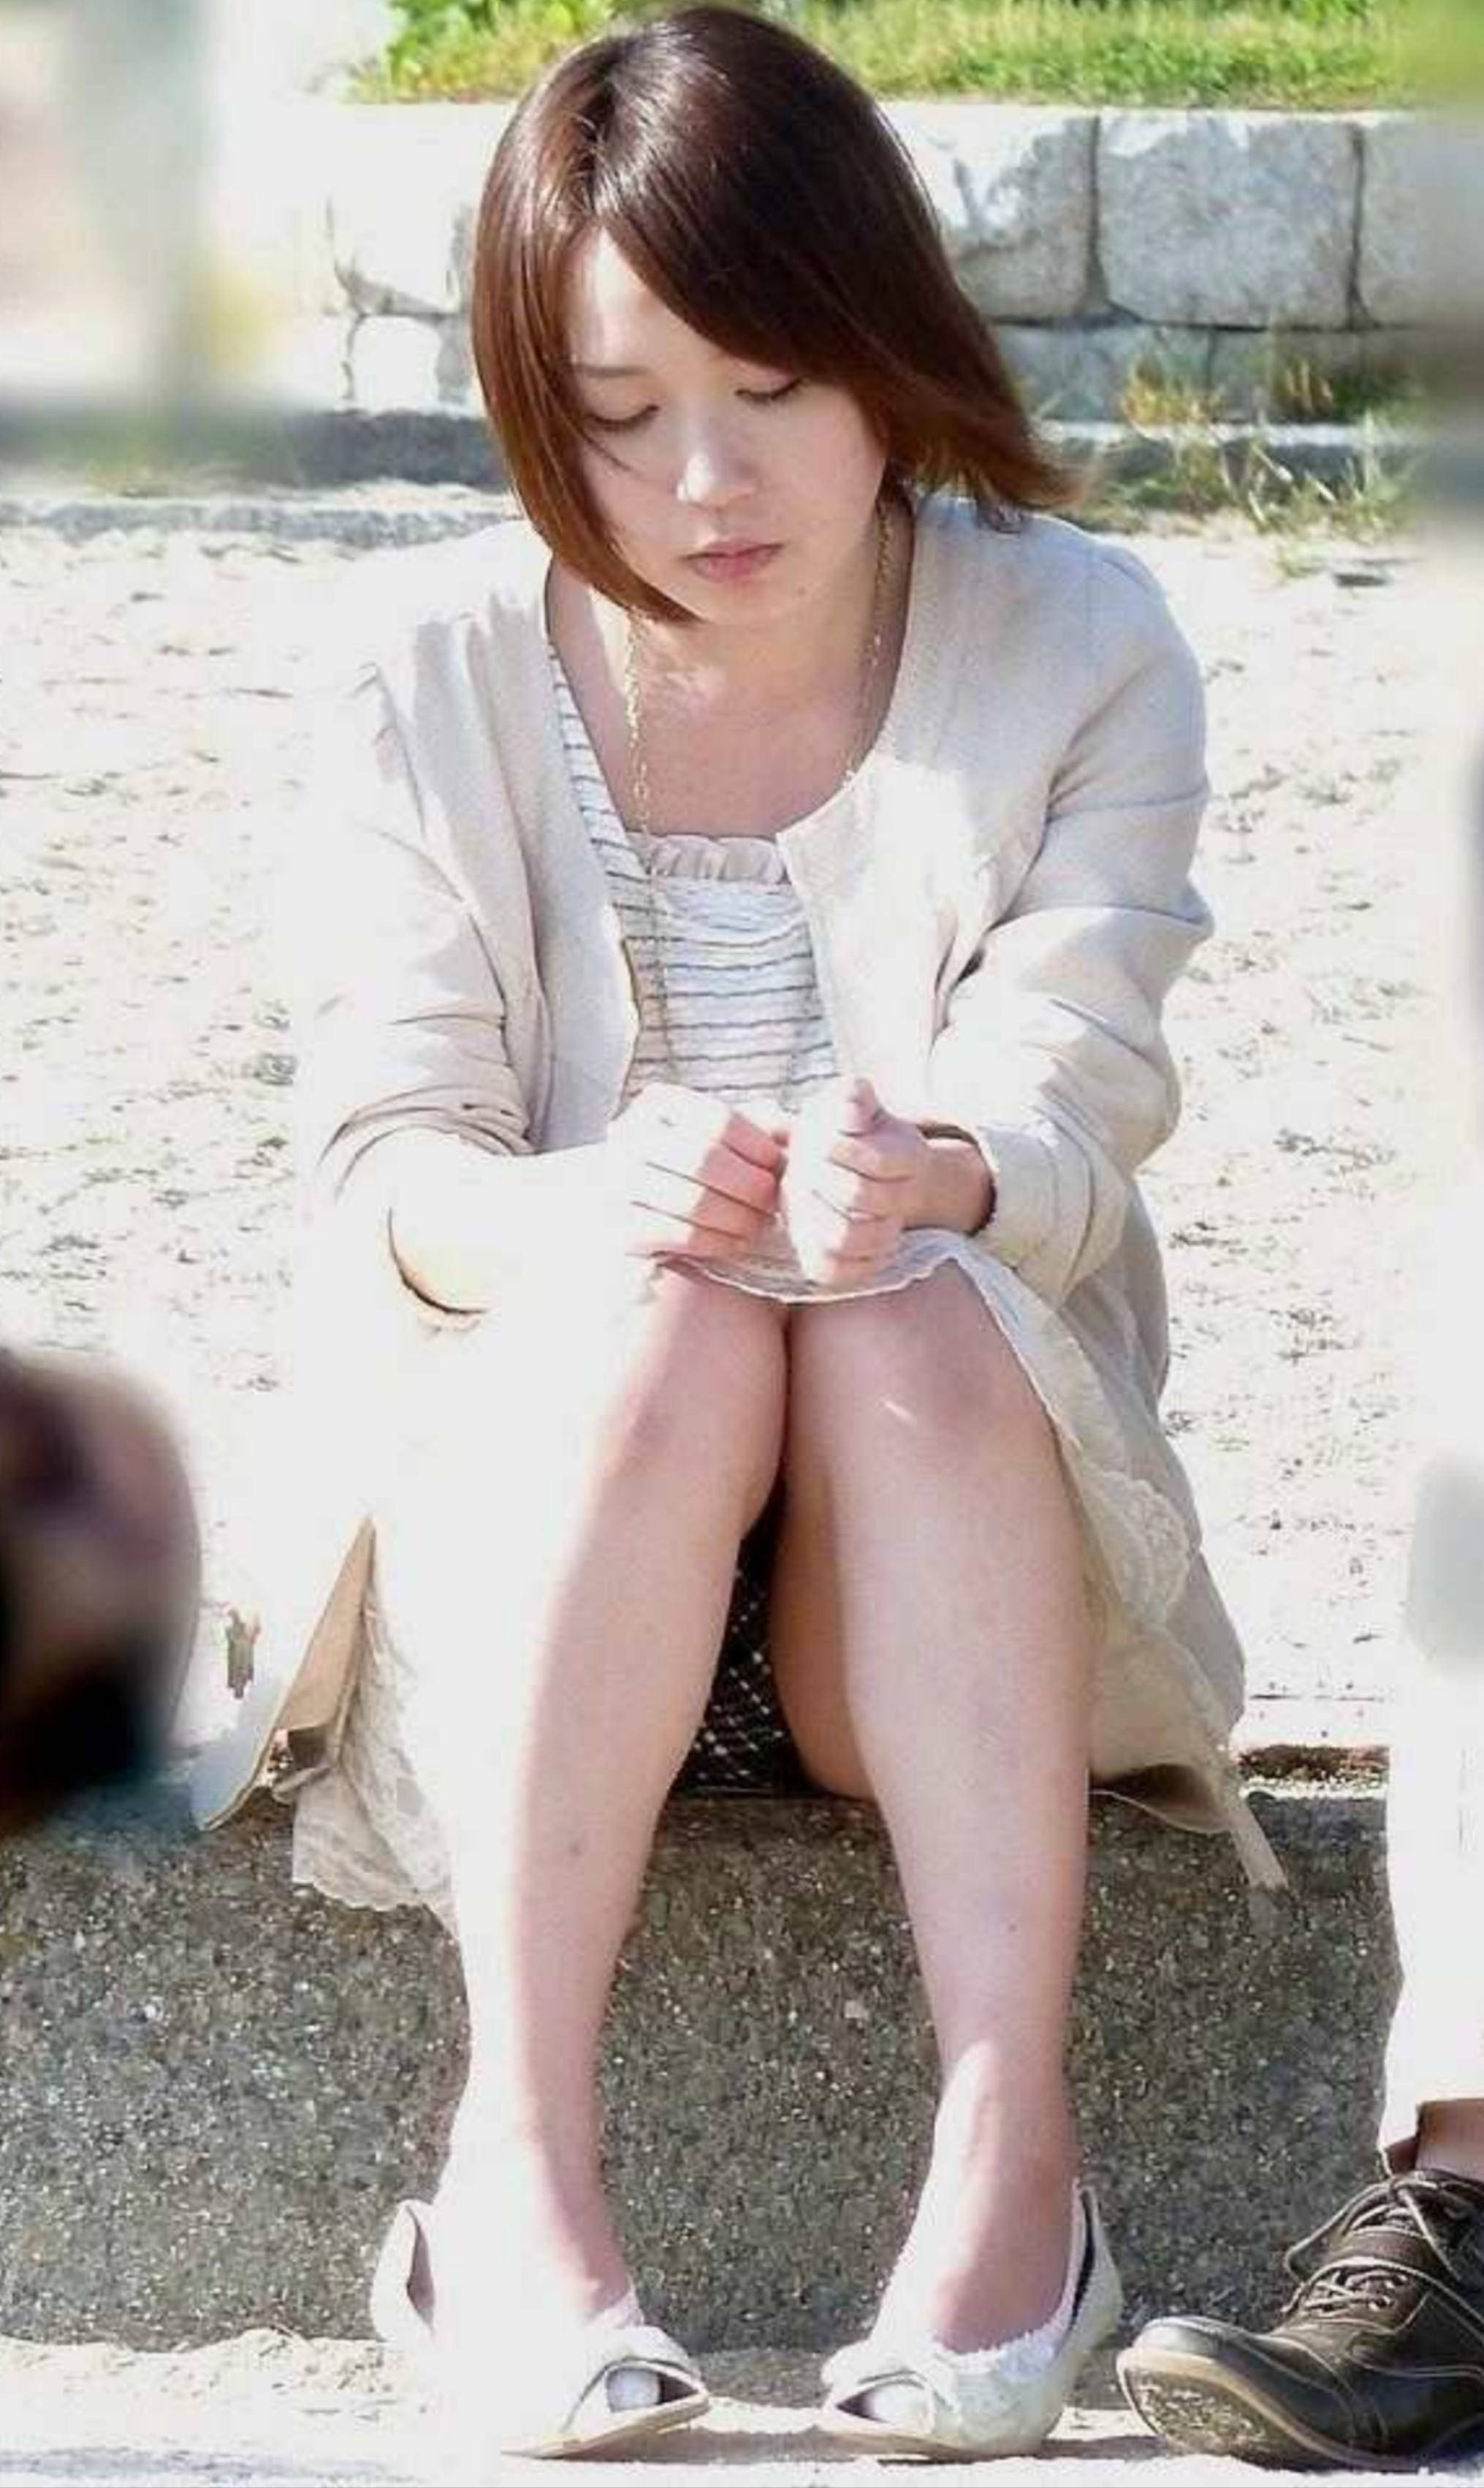 座ってる女子のパンチラ素人エロ画像-38